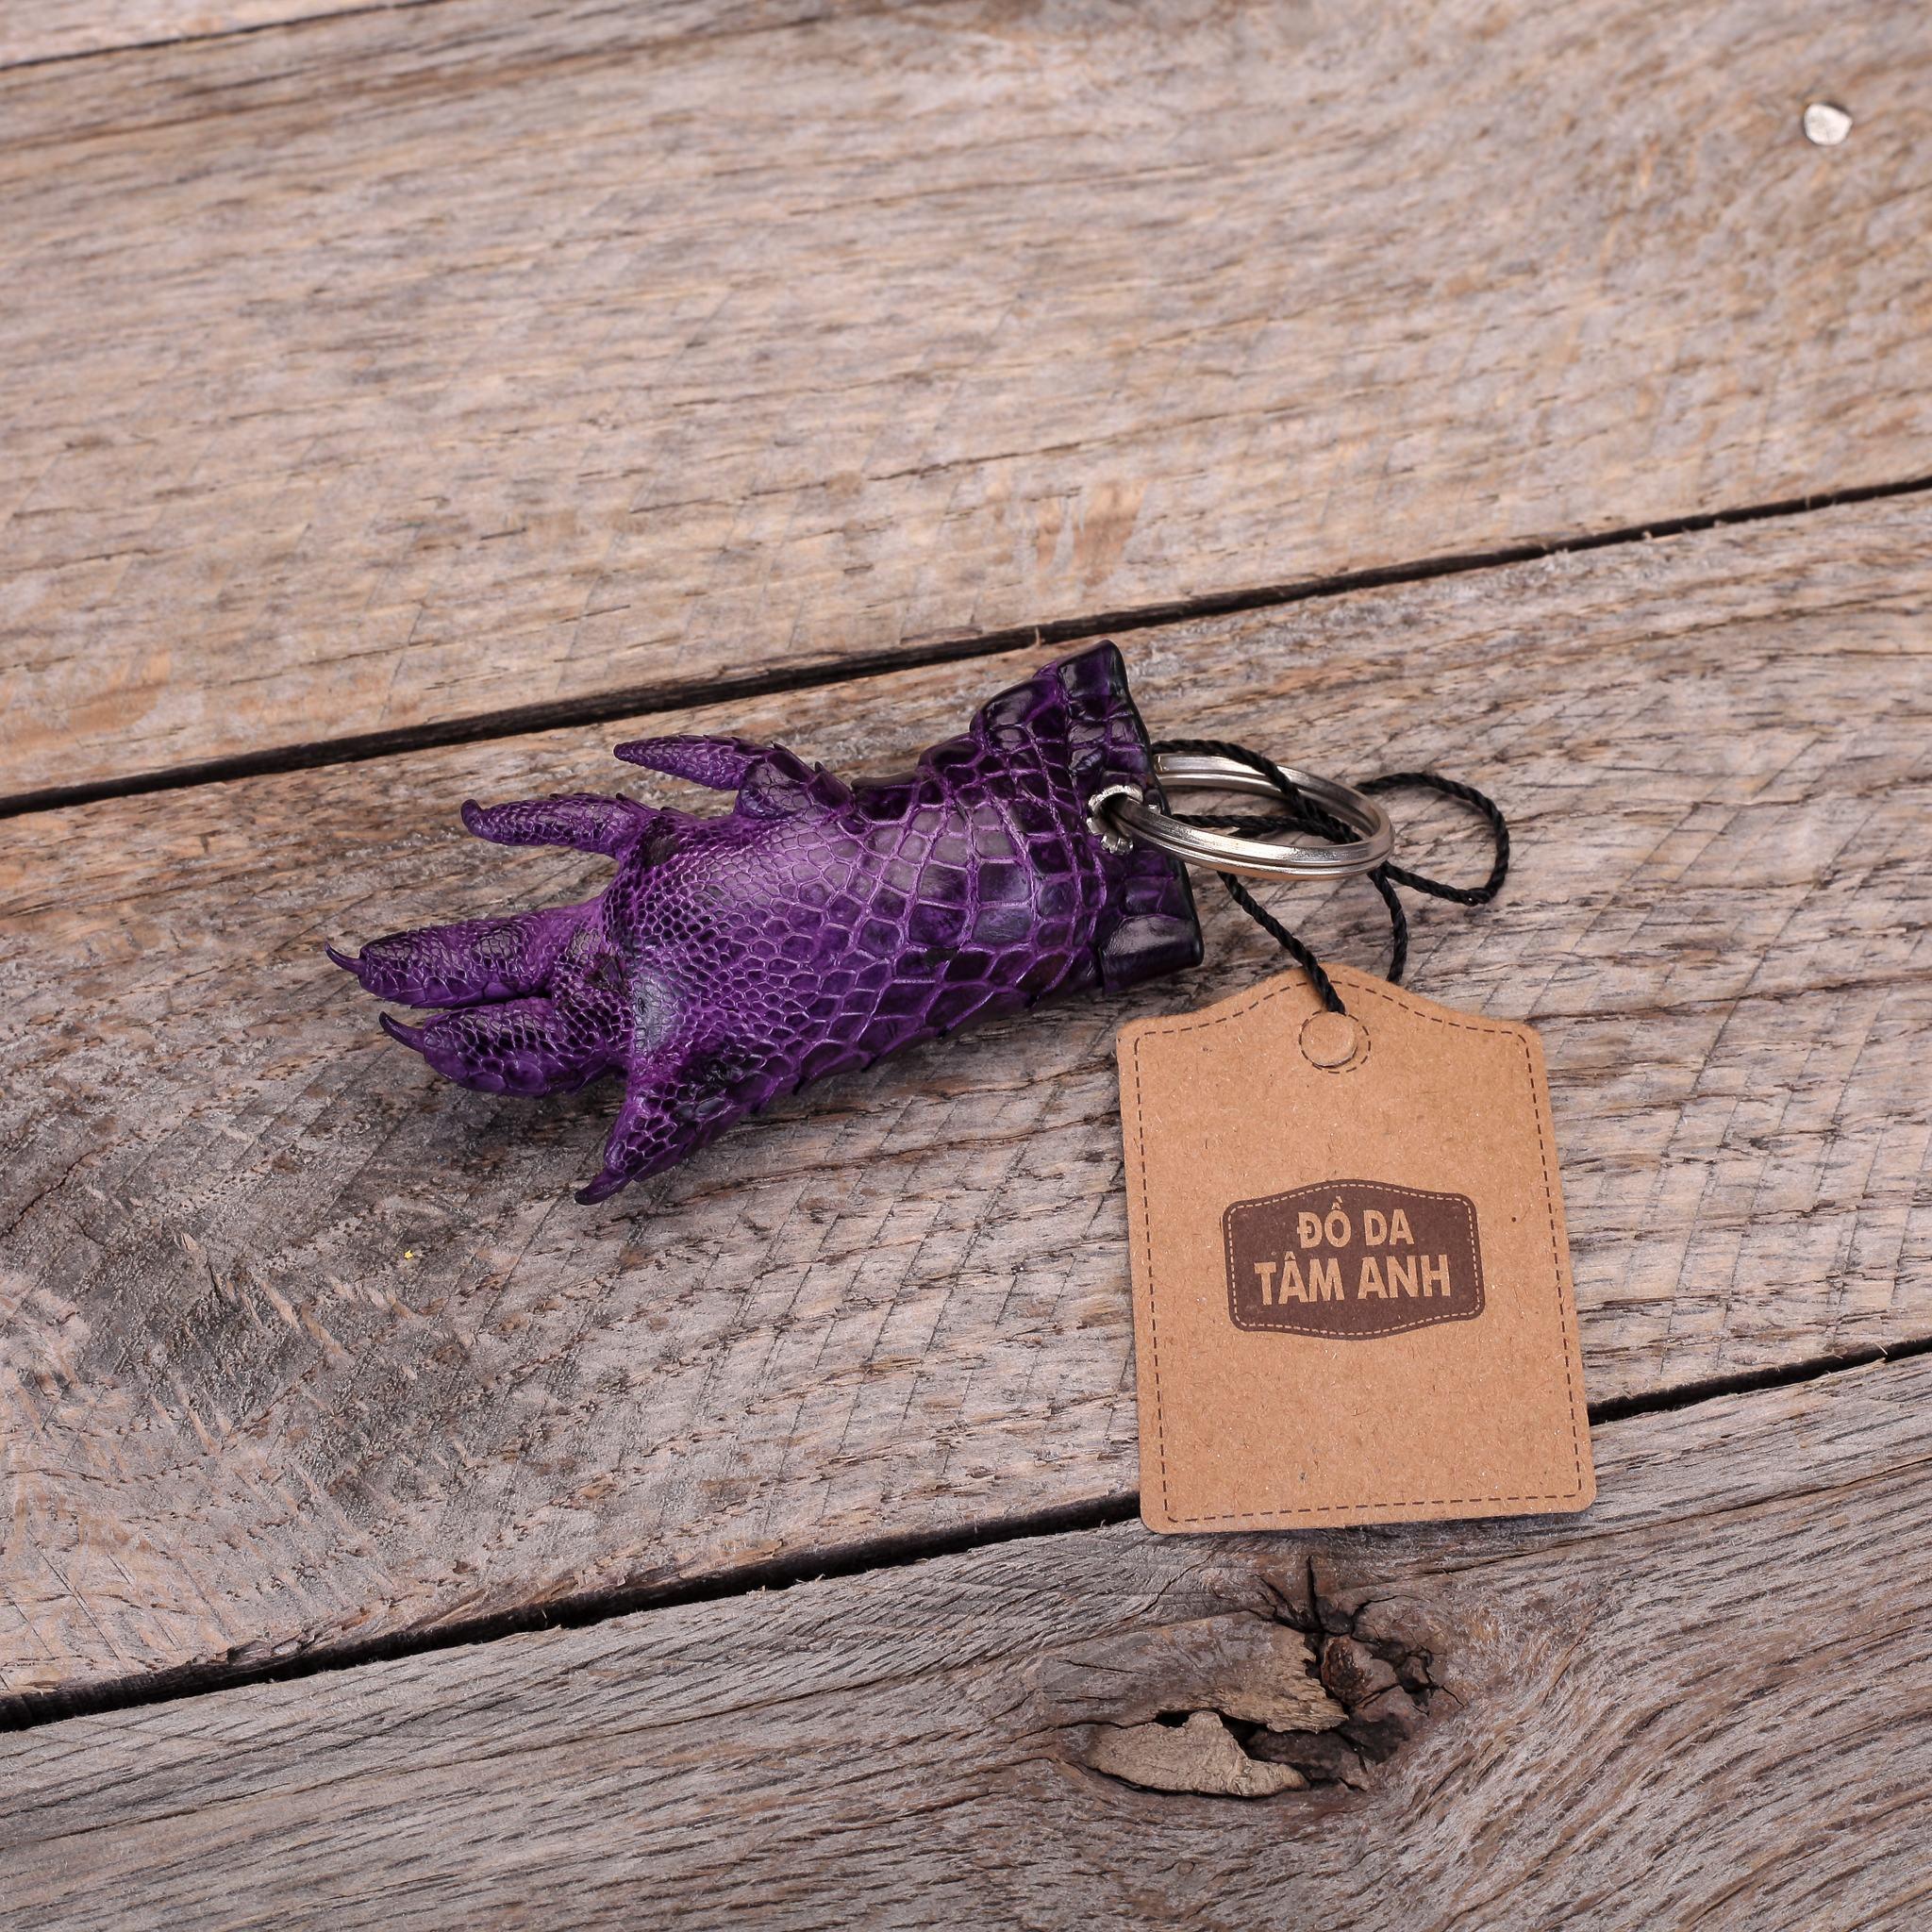 Móc chìa khóa móng cá sấu MKMONG-TIM